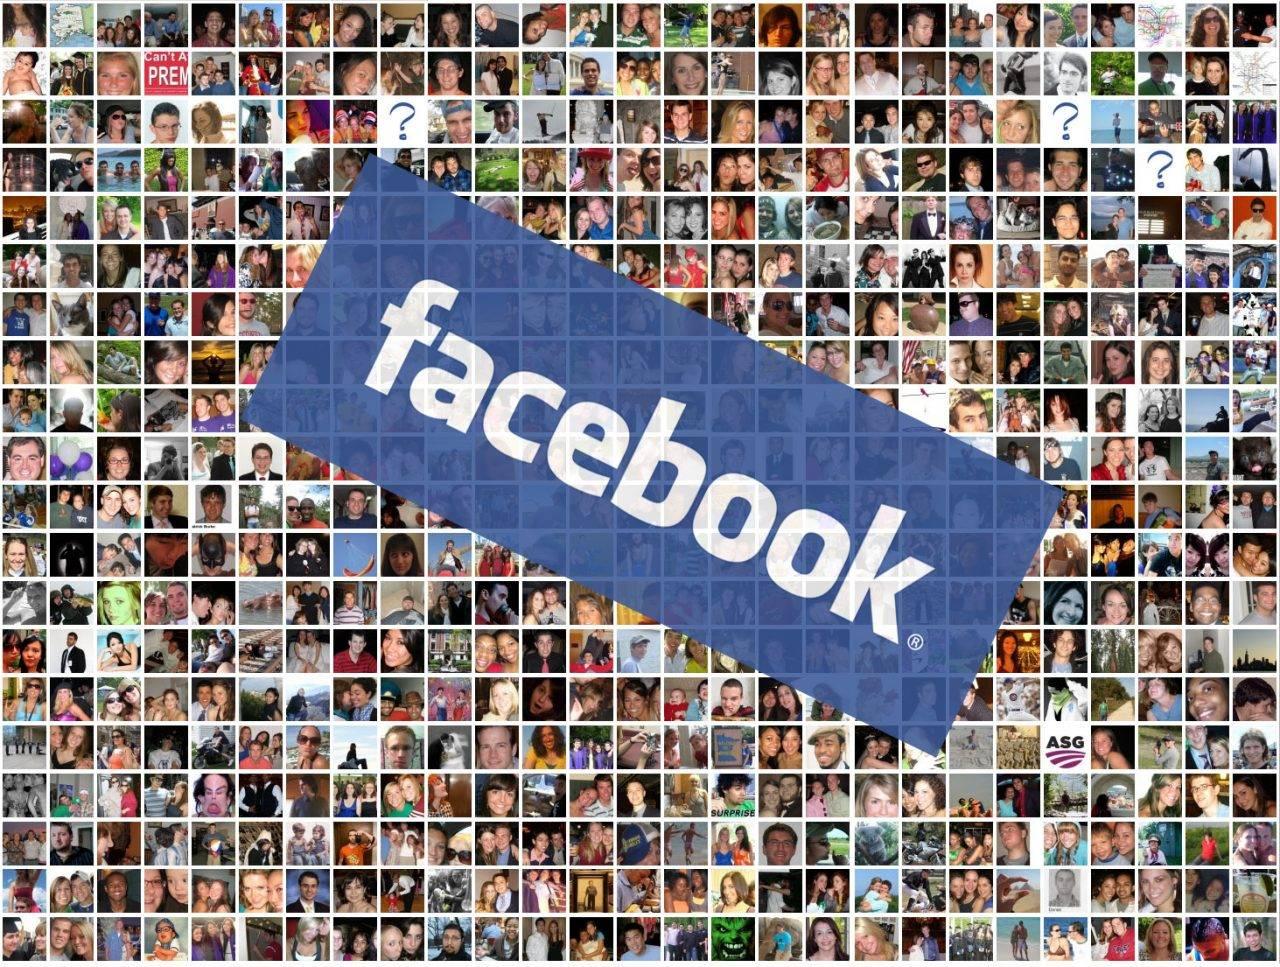 facebook-5583e63c0d29427cf169bfbe667244bd.jpg